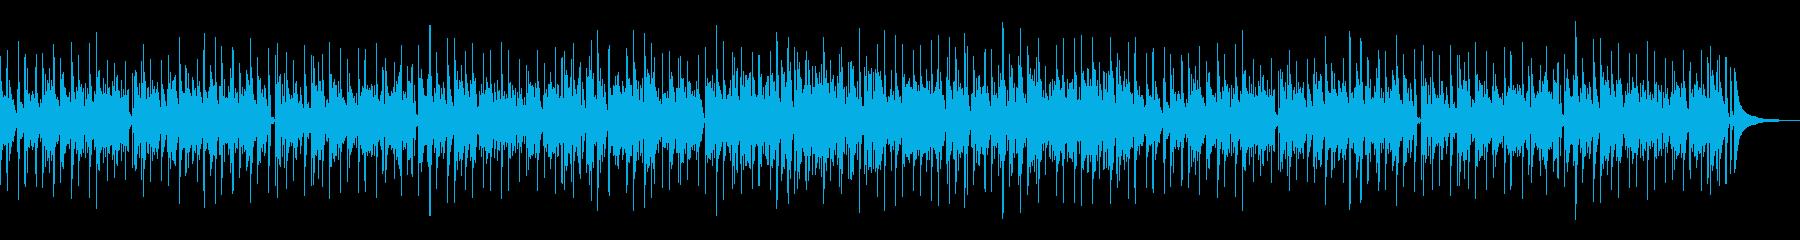 カッコつけた感じの渋めのボサノバの再生済みの波形